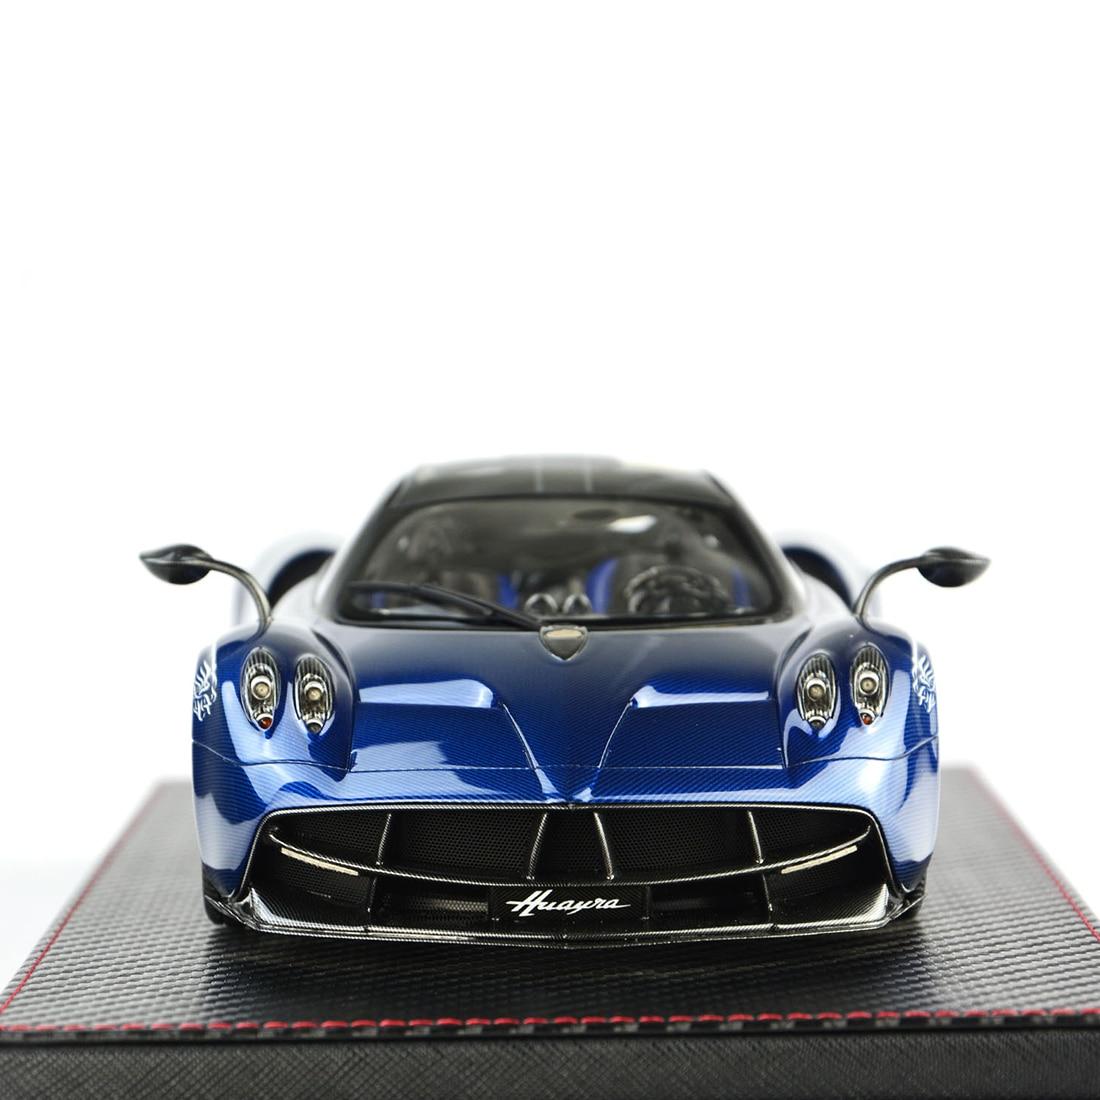 1:18 Модель автомобиля Pagani HUAYRA Модель Коллекция декор с основанием пылезащитный чехол модель обучающая игрушка синий/угольно серый/фиолетов...